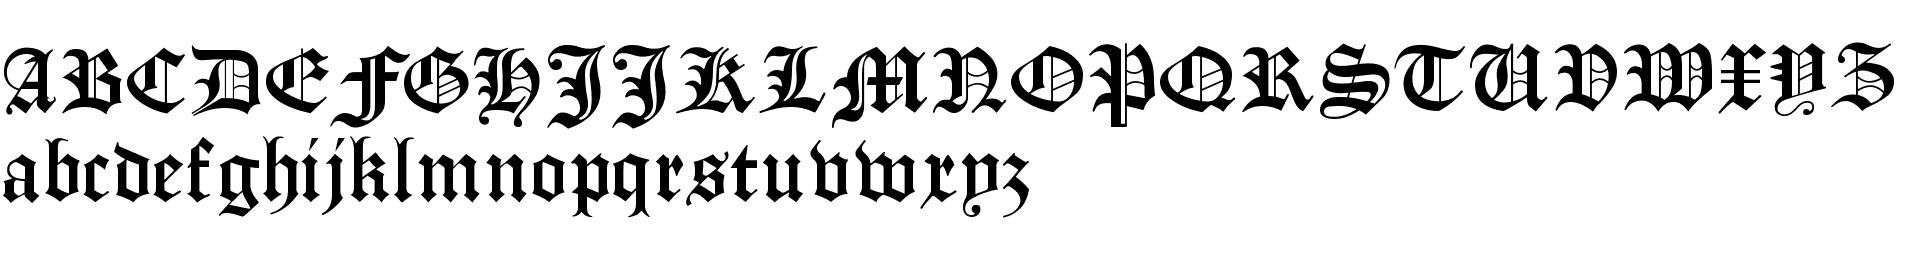 Manuskript Gothisch